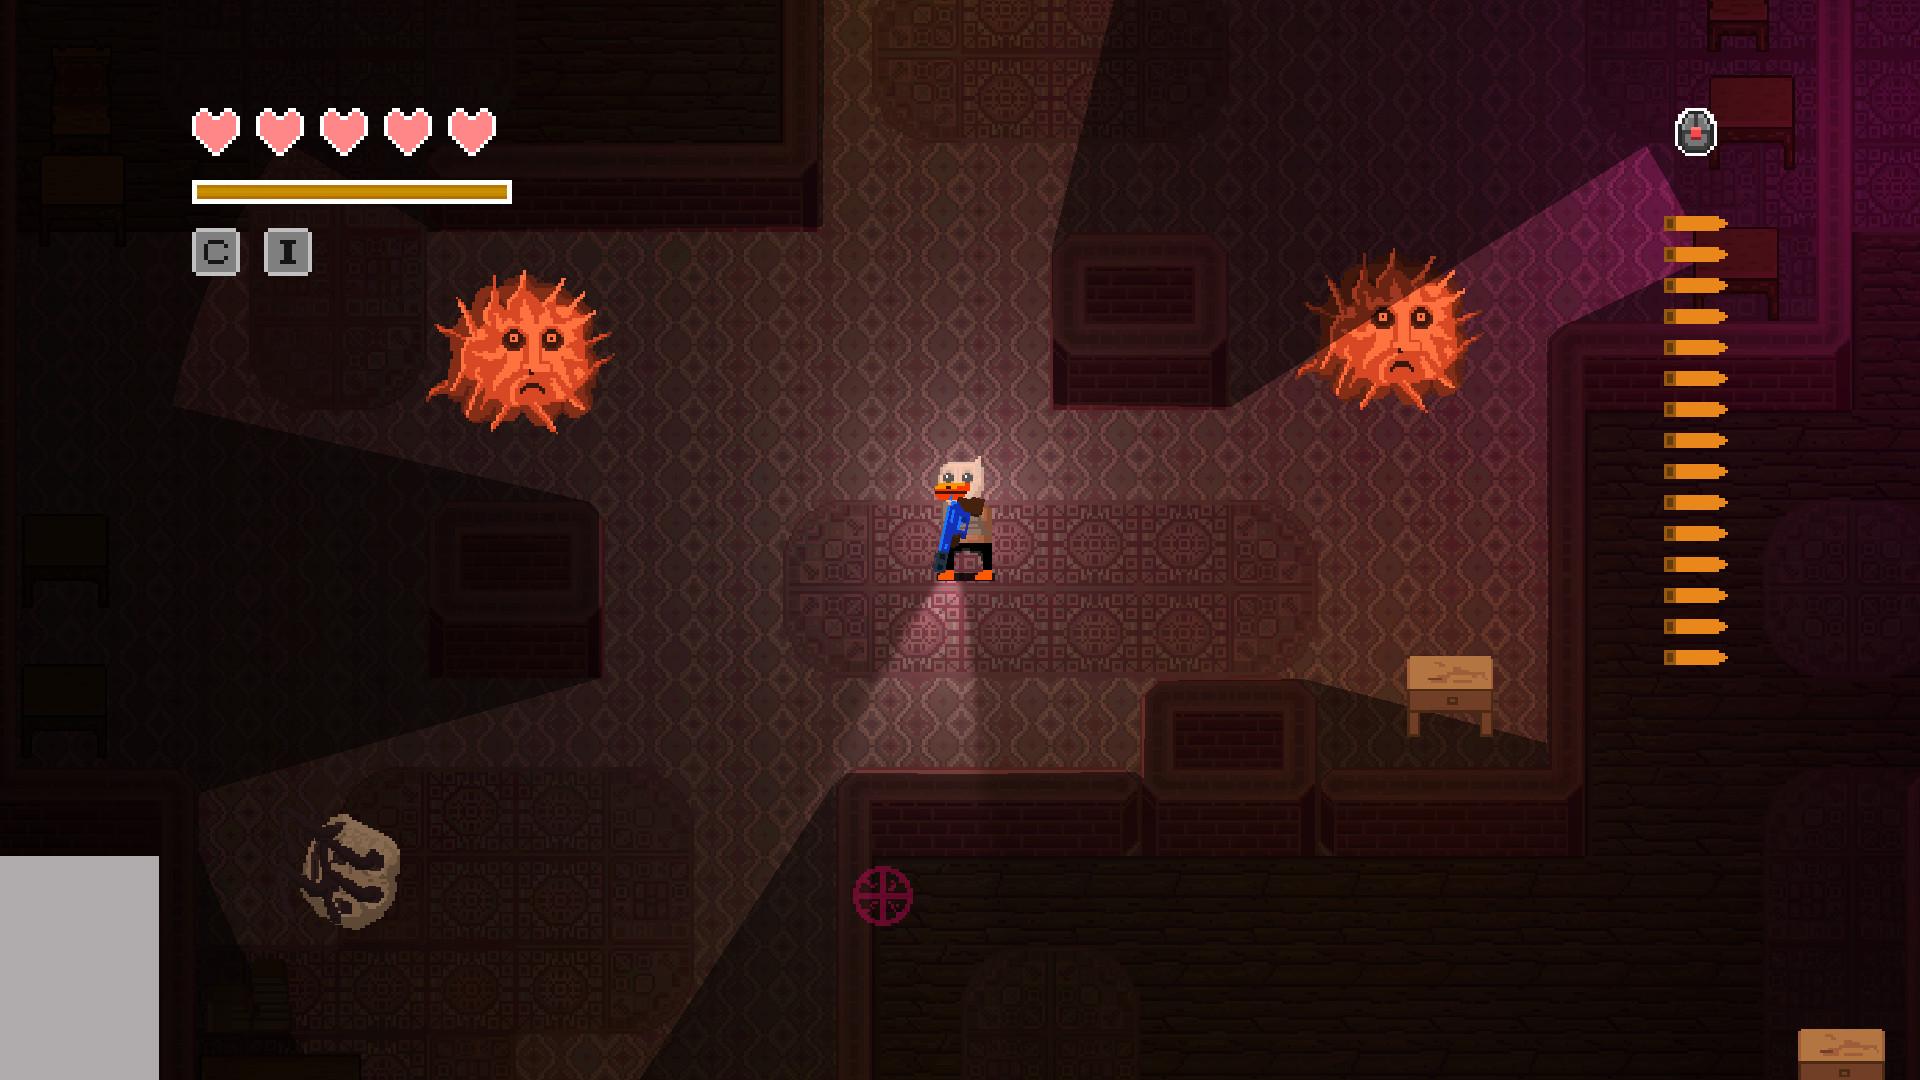 Silenthead: Ducks hunt screenshot